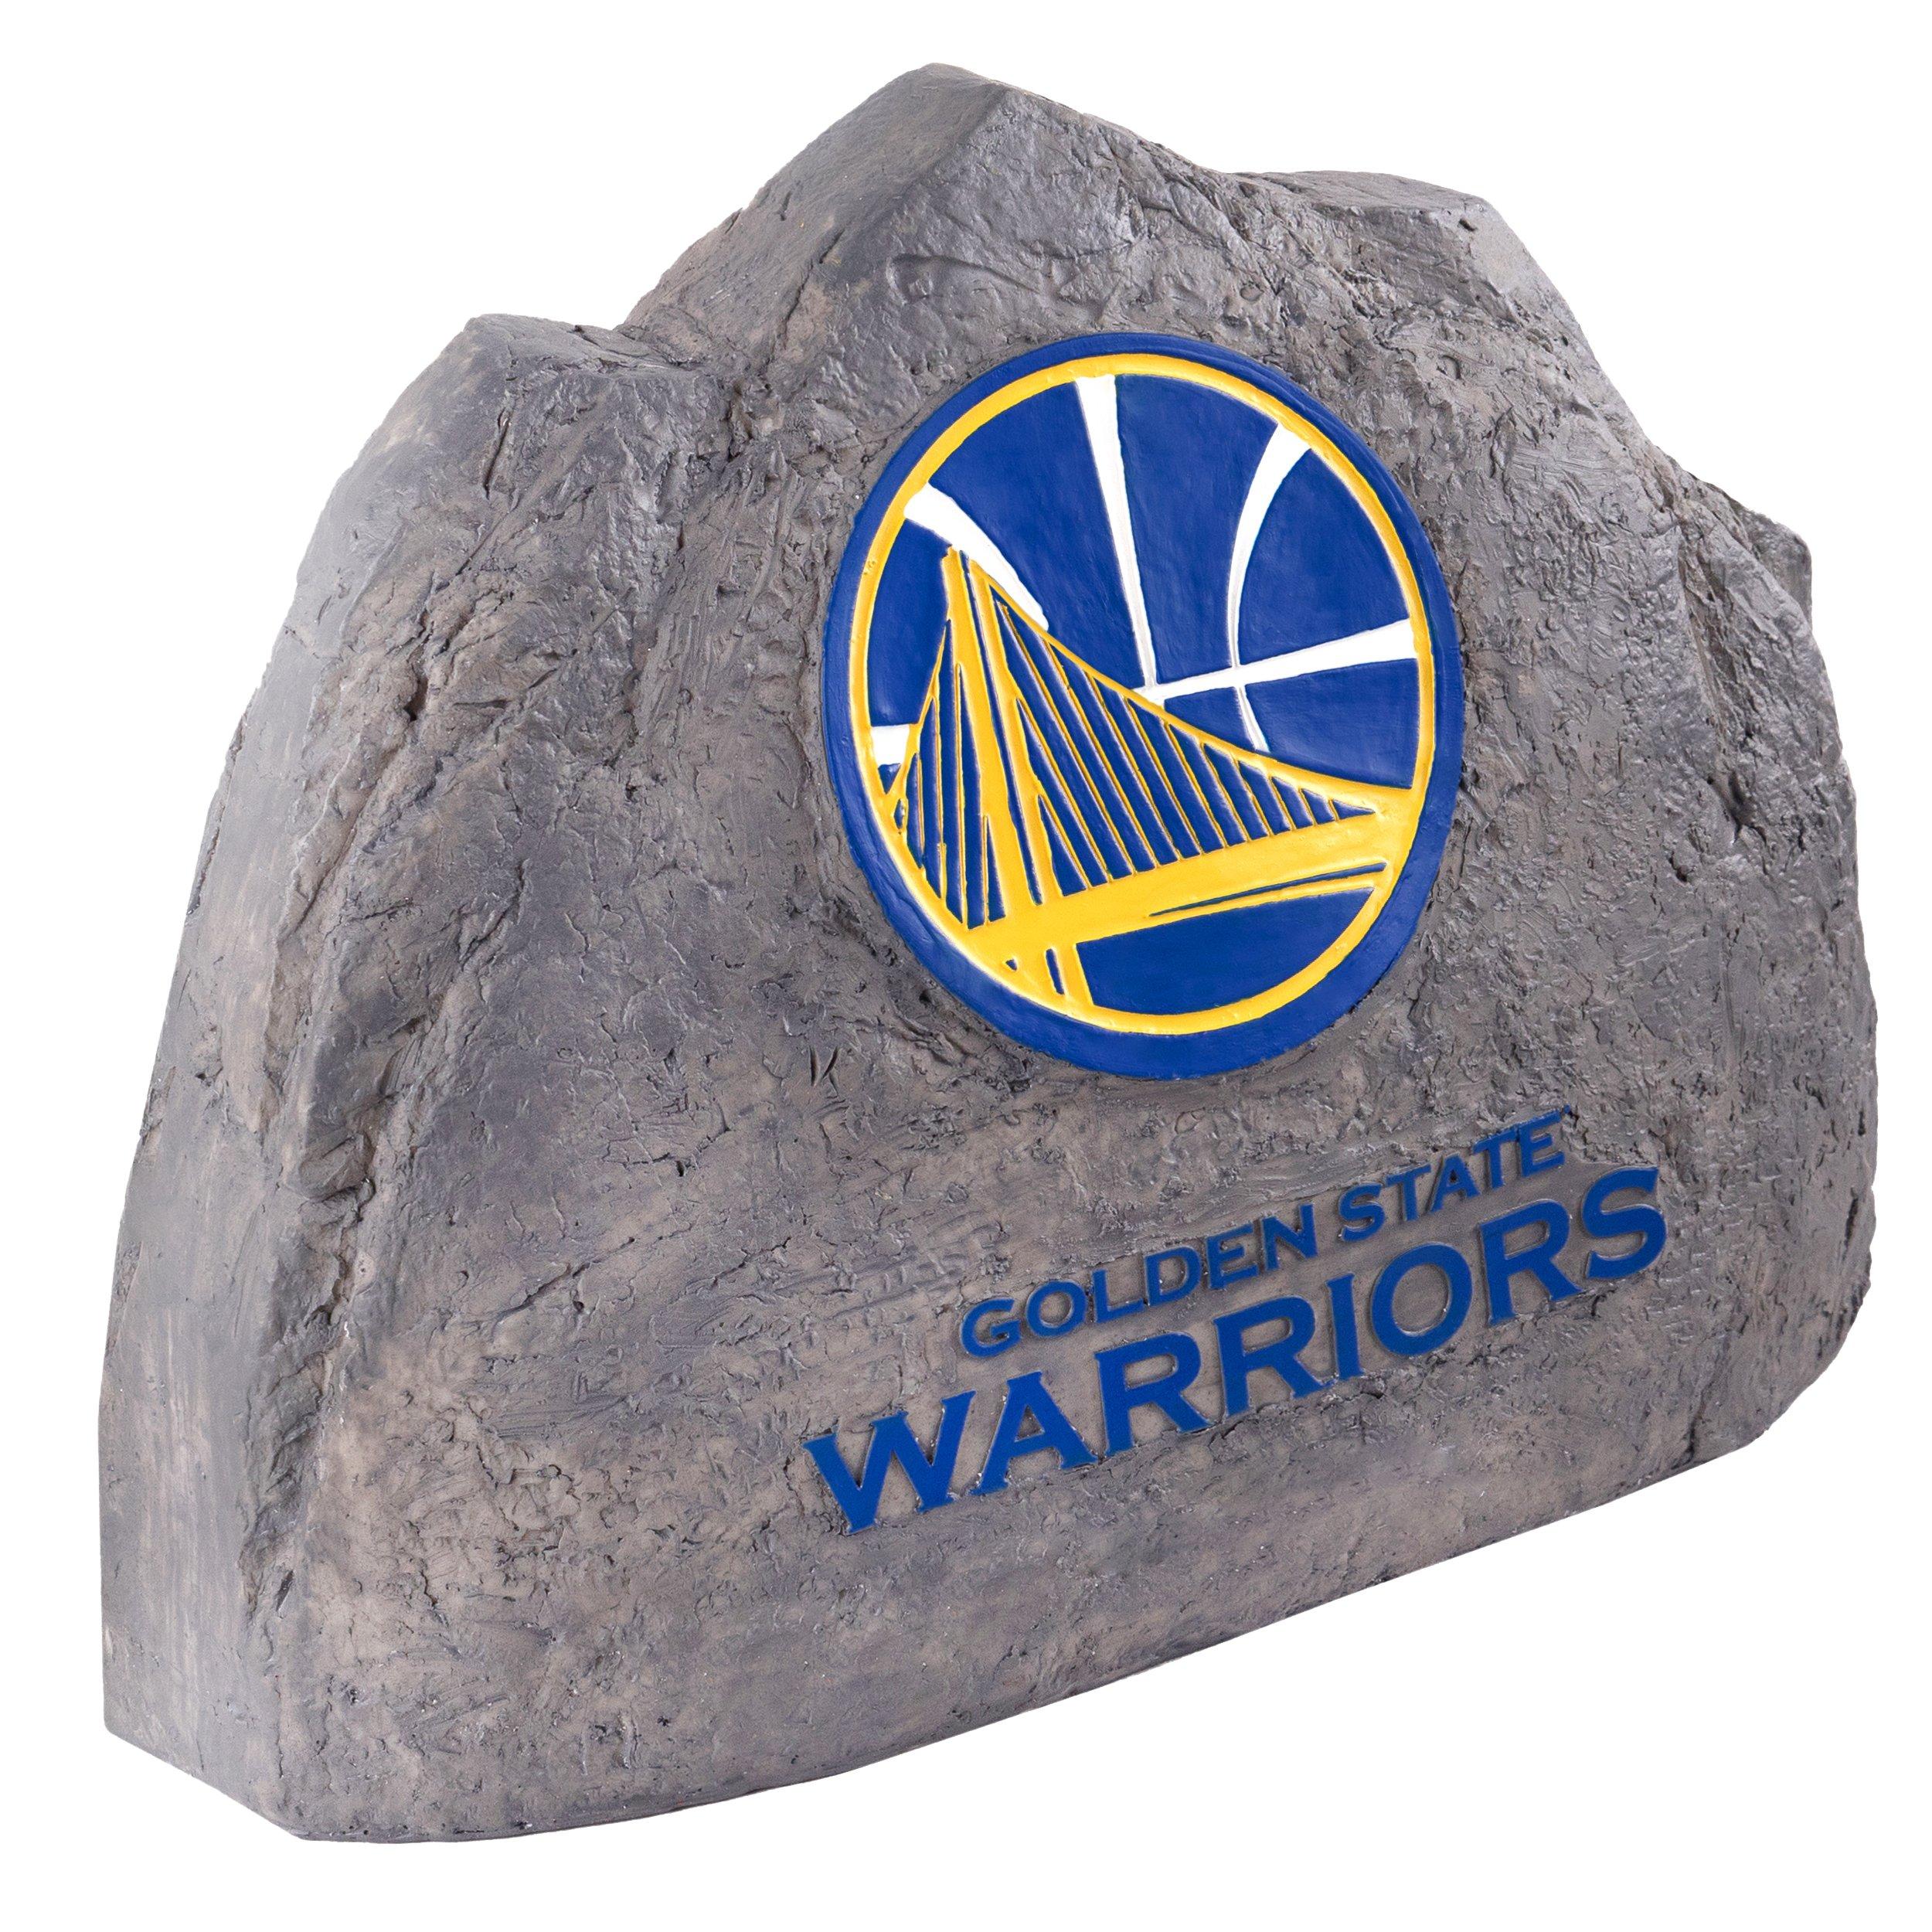 Golden State Warriors 2016 Garden Stone